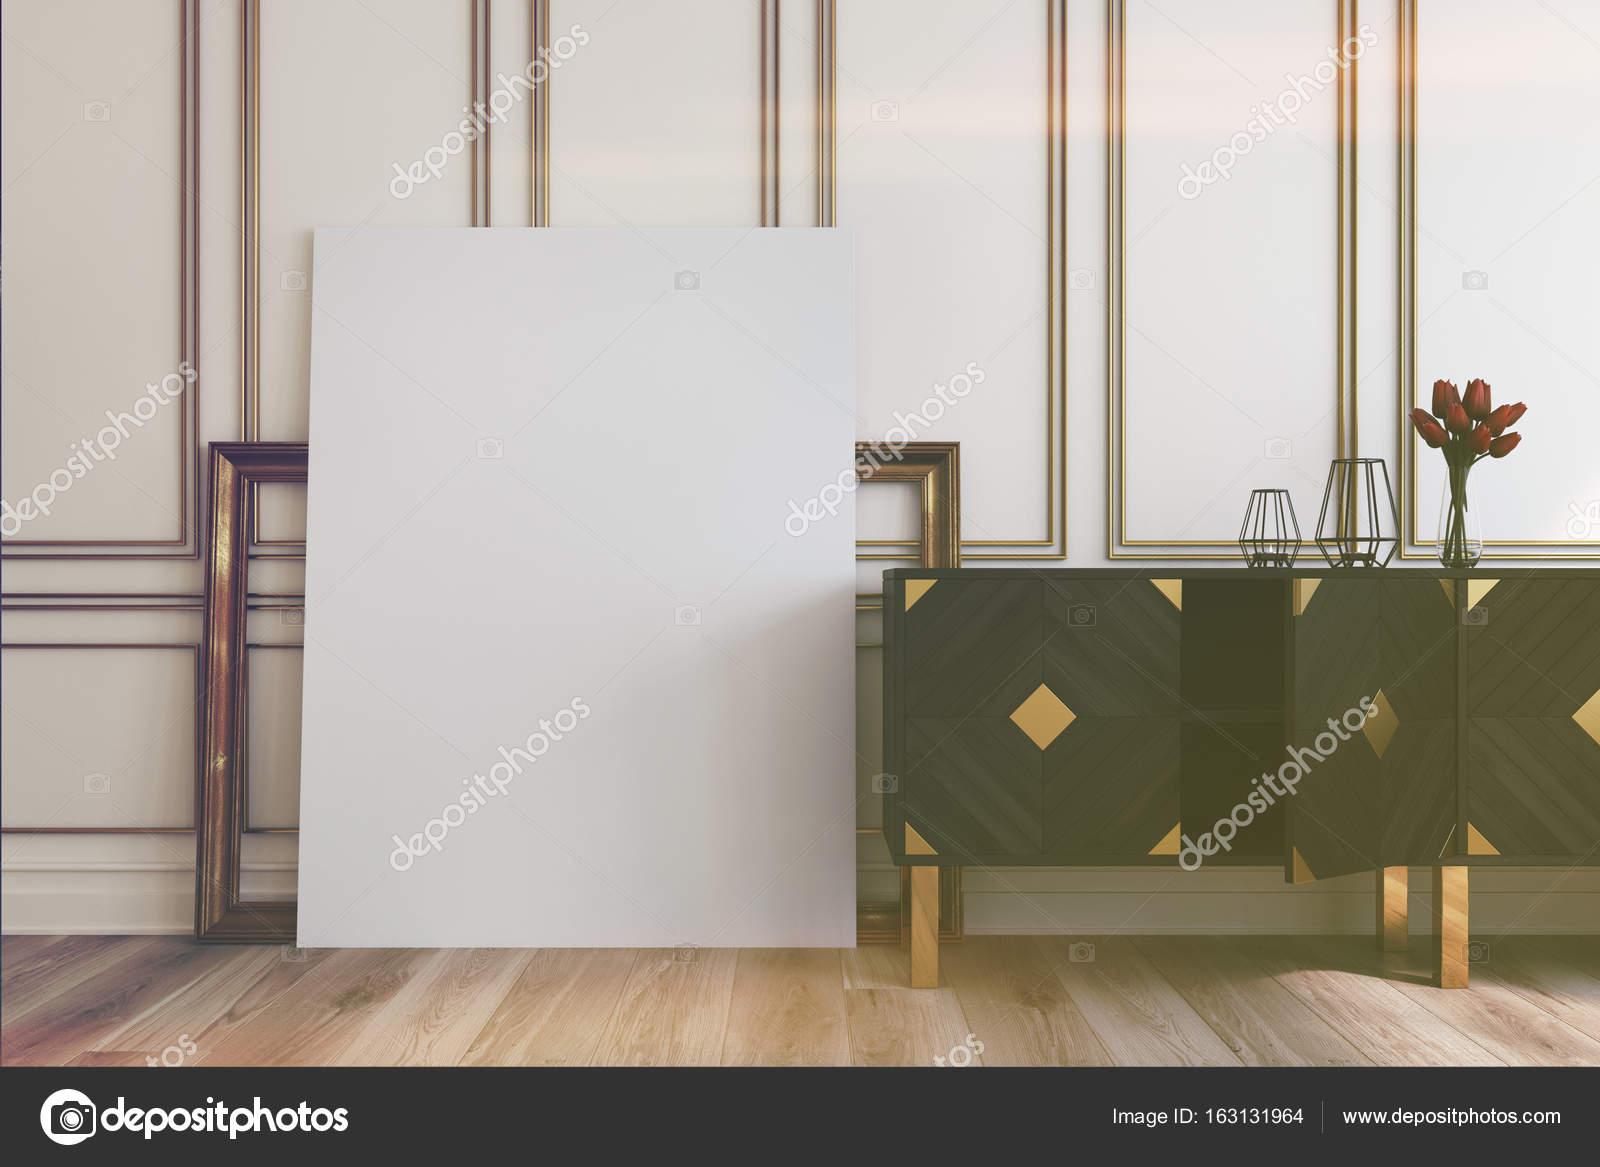 Vintage Schrank und ein Bild, Rahmen, getönt — Stockfoto ...